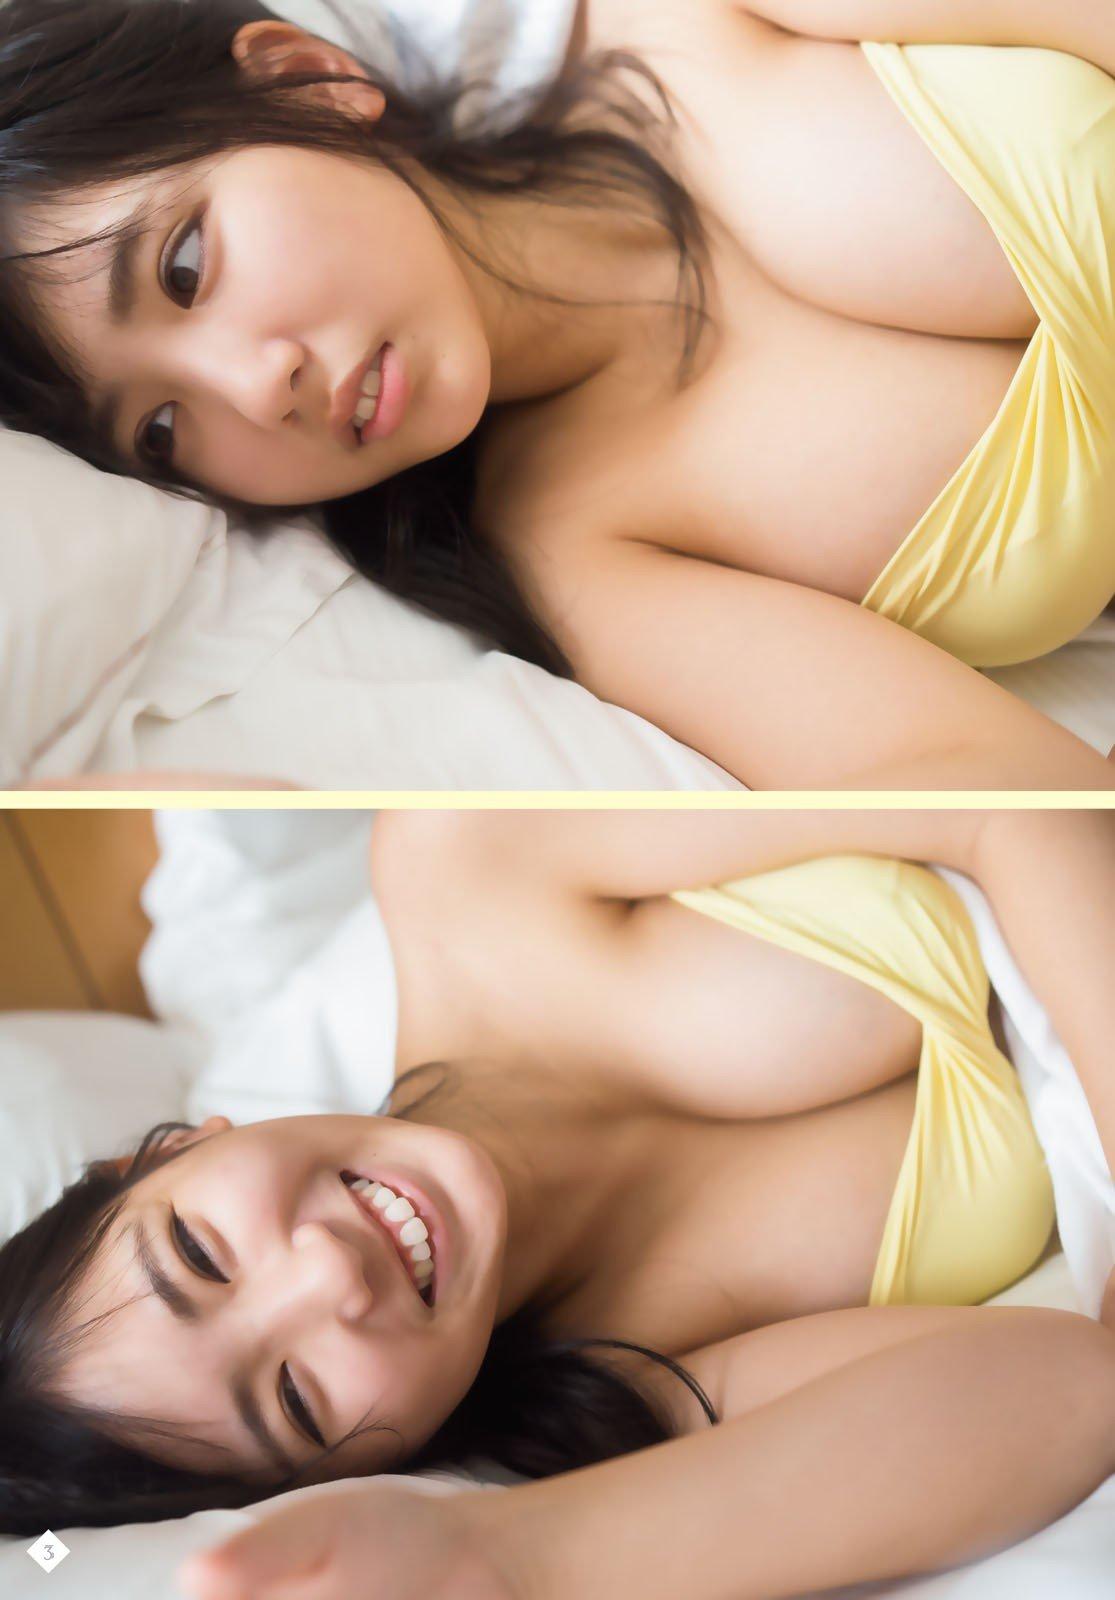 グラビアアイドル画像|現役女子高生グラドルの沢口愛華ちゃんの画像まとめパート5 150枚